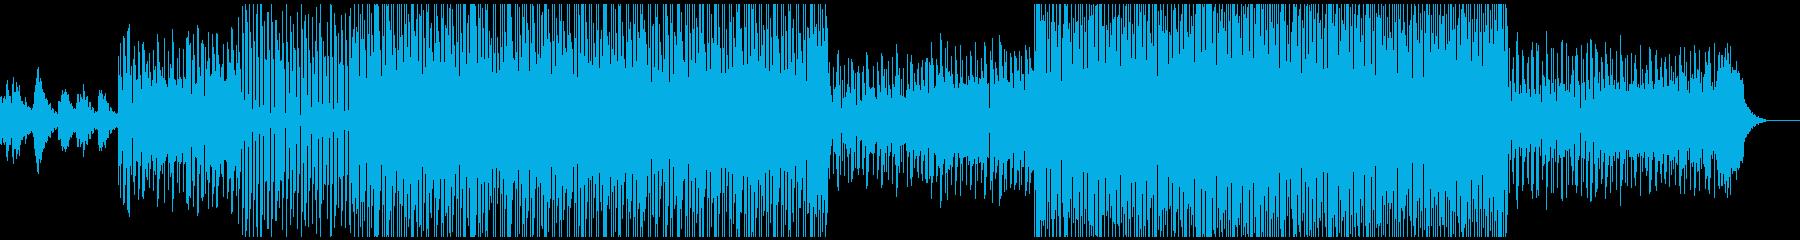 ラウンジ、ヴィンテージ。 EPパー...の再生済みの波形